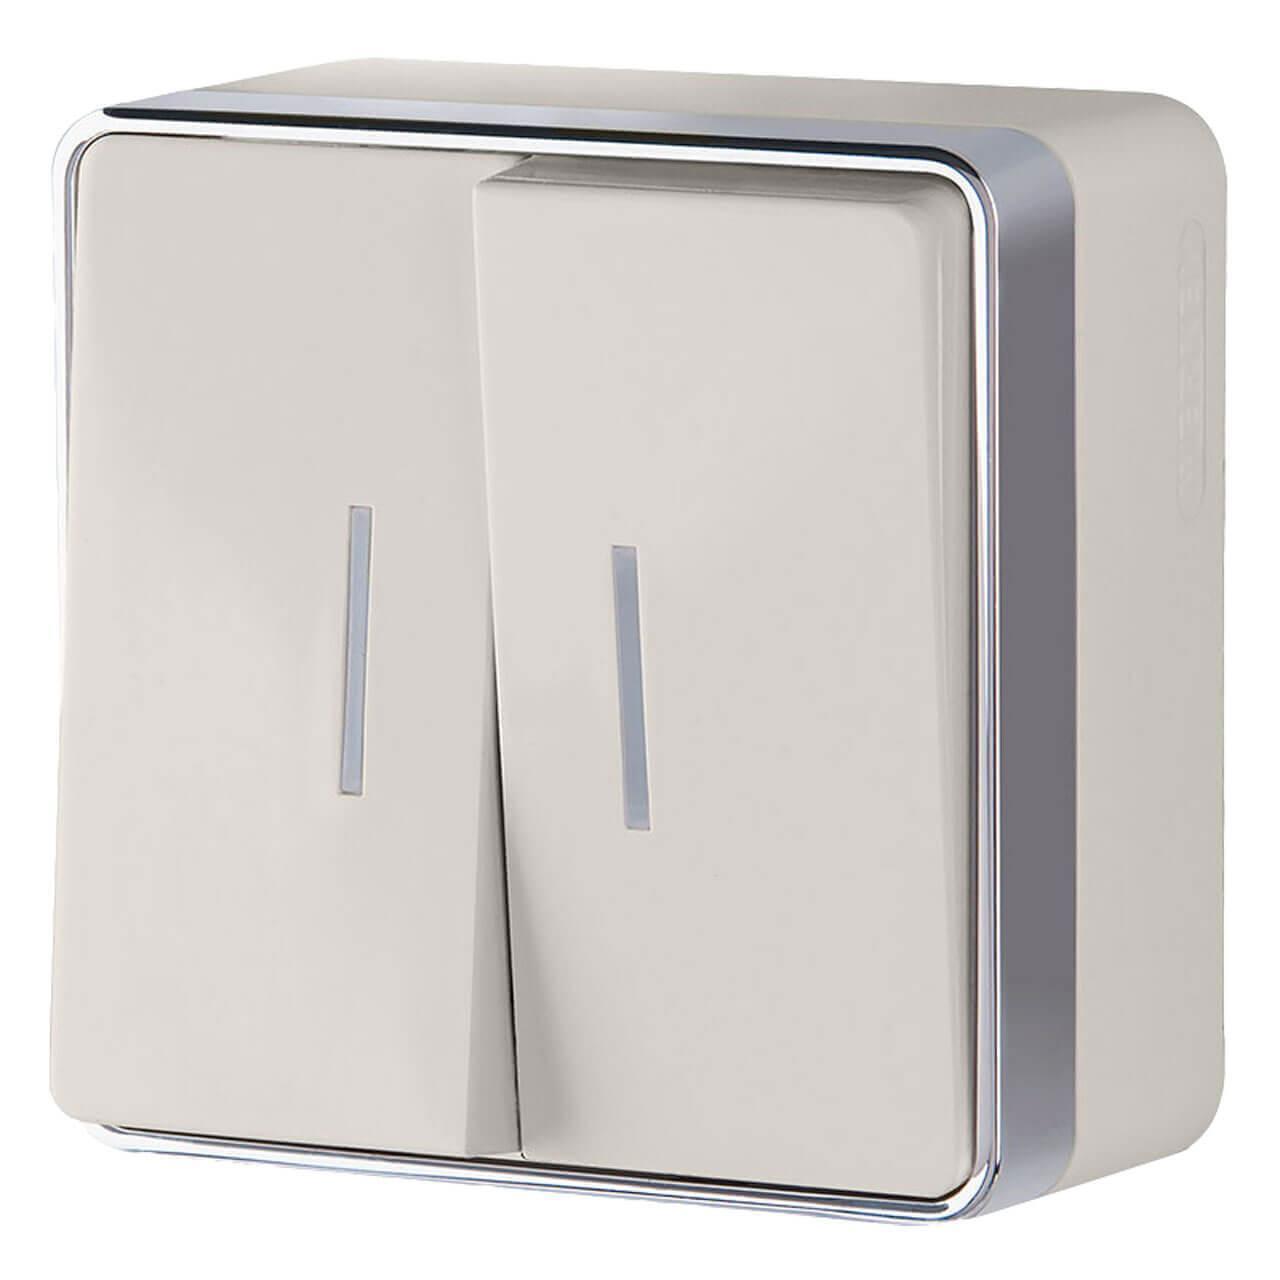 Выключатель Werkel двухклавишный с подсветкой Gallant слоновая кость WL15-03-03 4690389102202